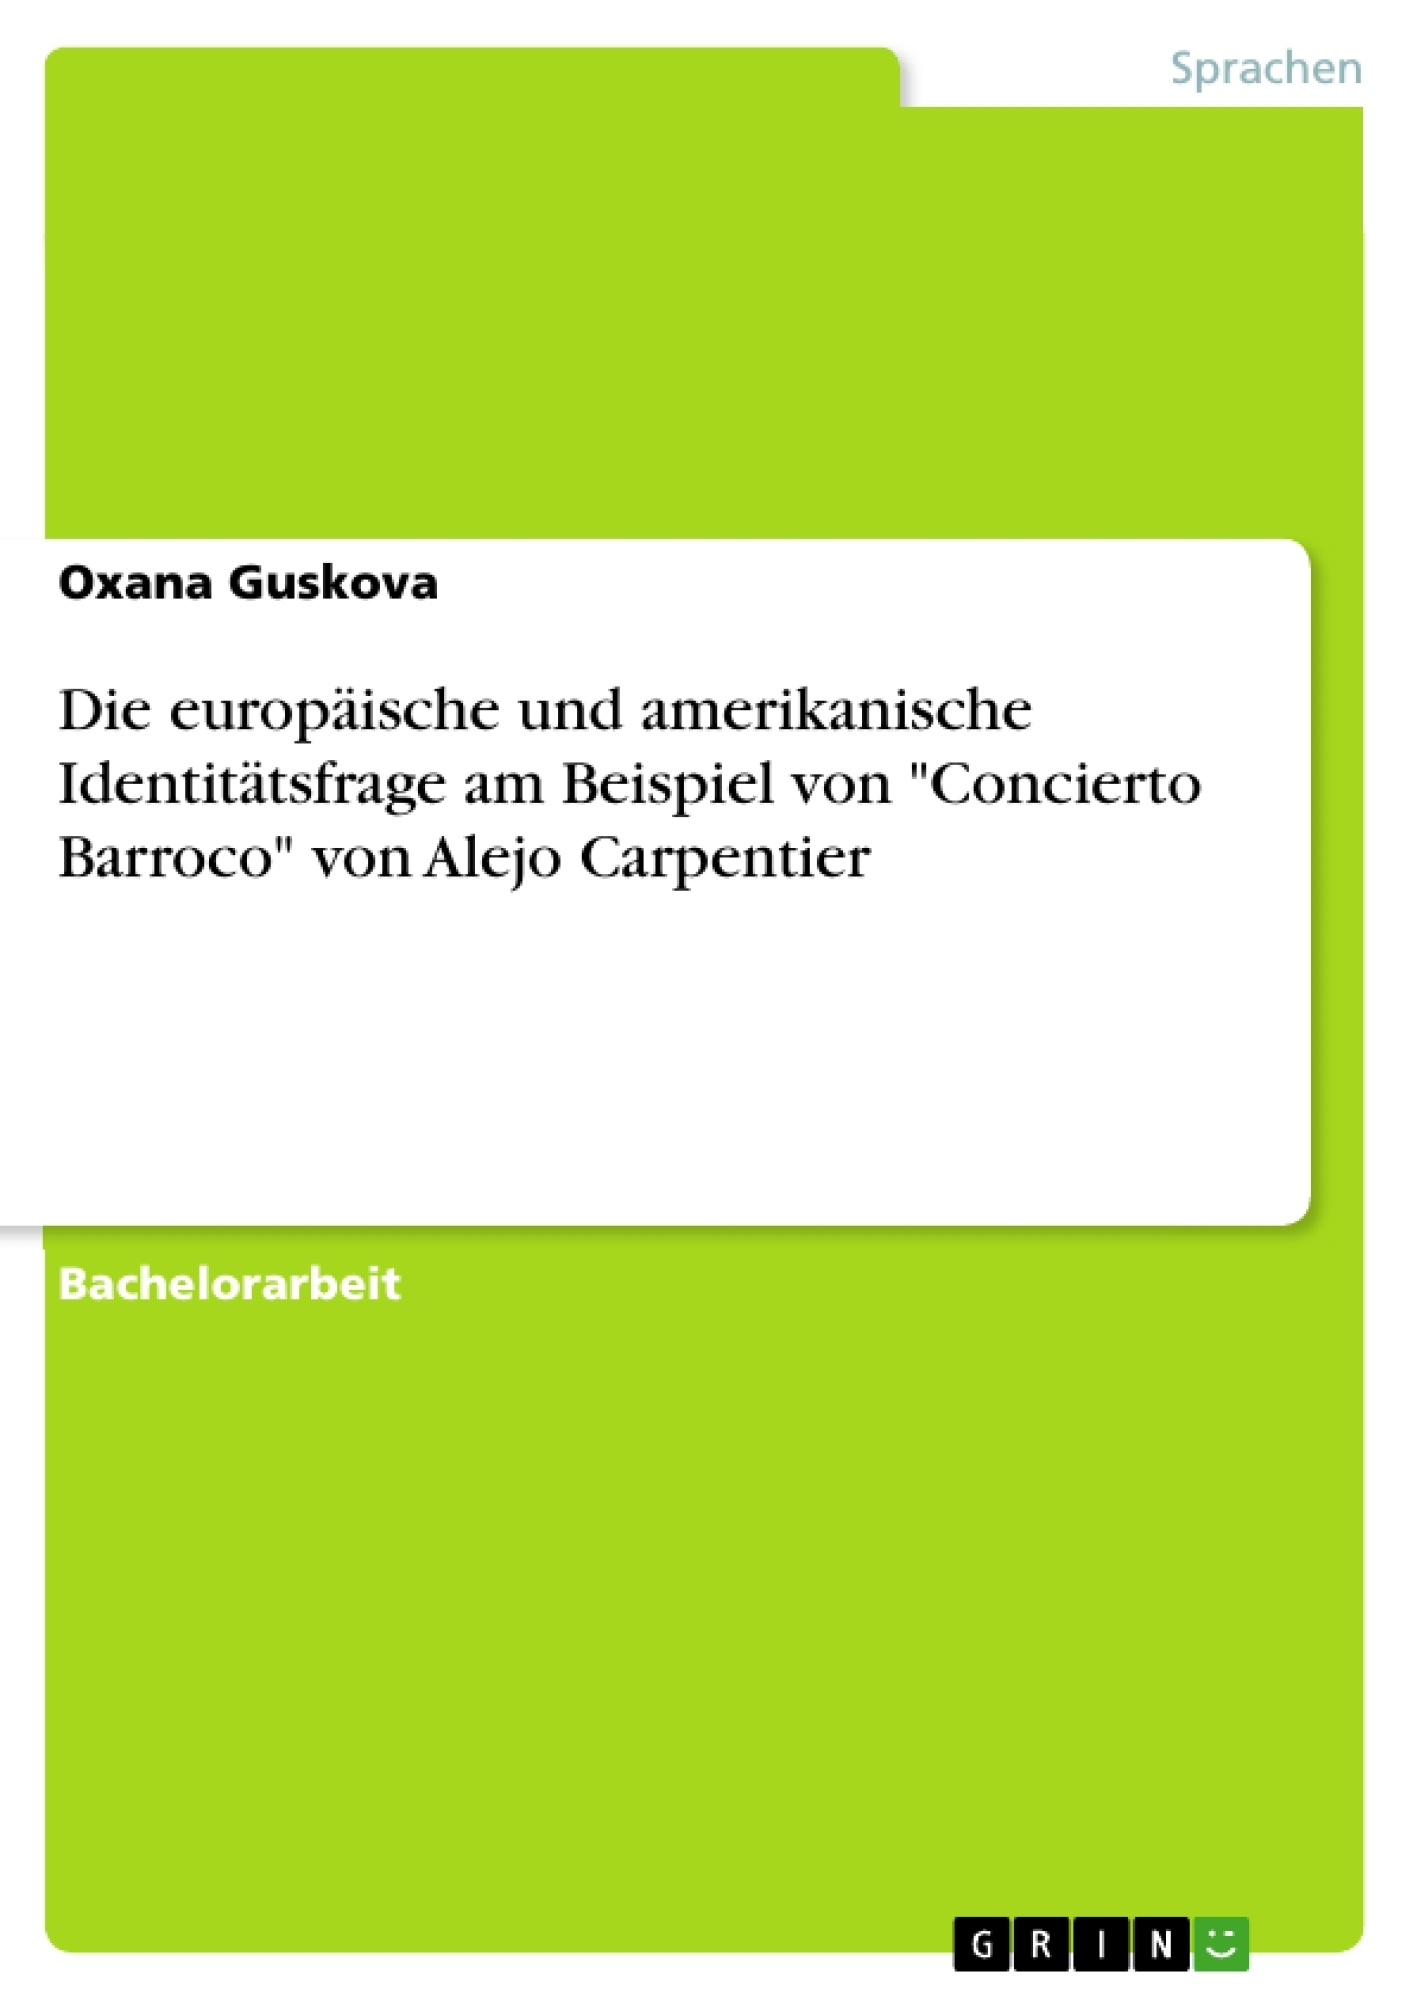 """Titel: Die europäische und amerikanische Identitätsfrage am Beispiel von """"Concierto Barroco"""" von Alejo Carpentier"""